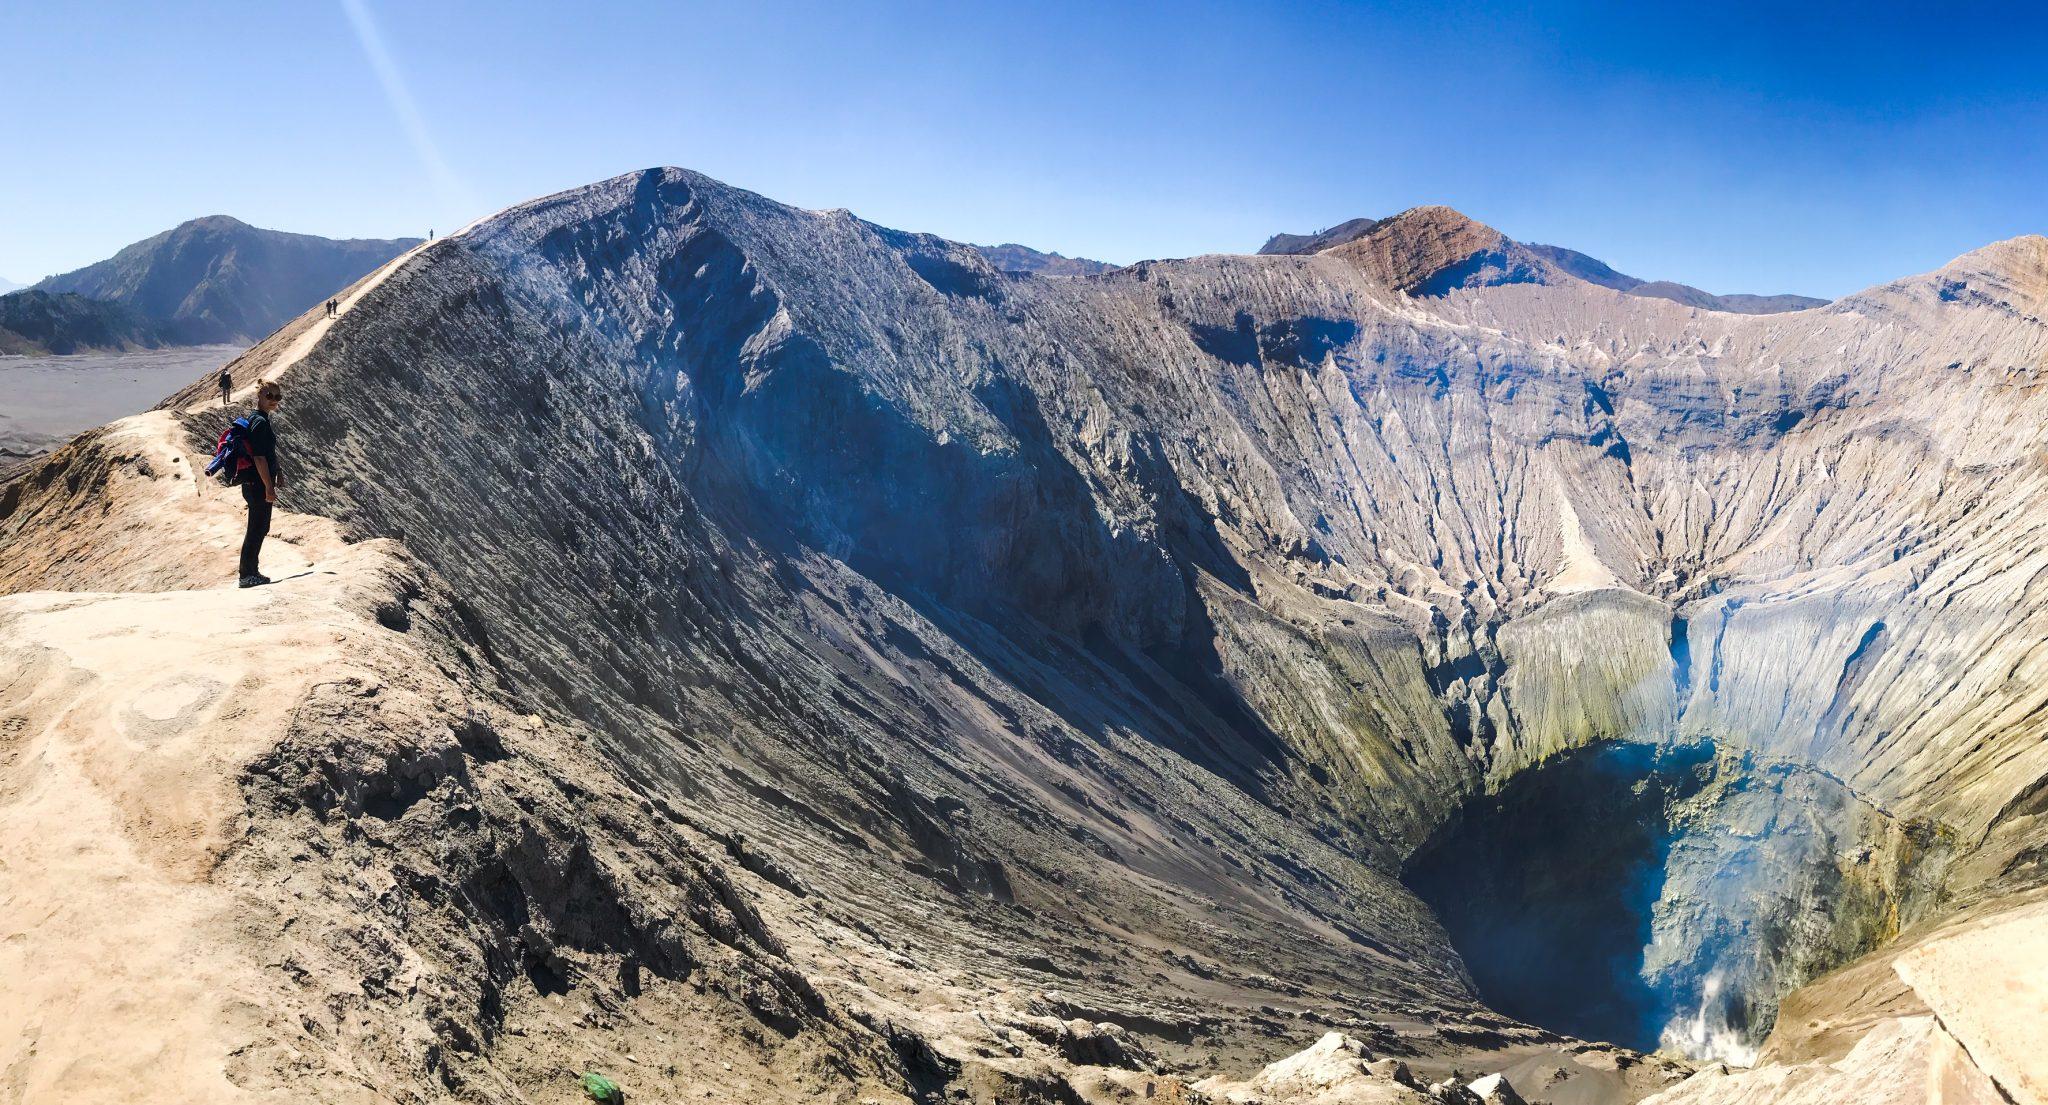 IMG 1598 - Jawa: wulkan Ijen, Bromo, Yogyakarta i świątynie